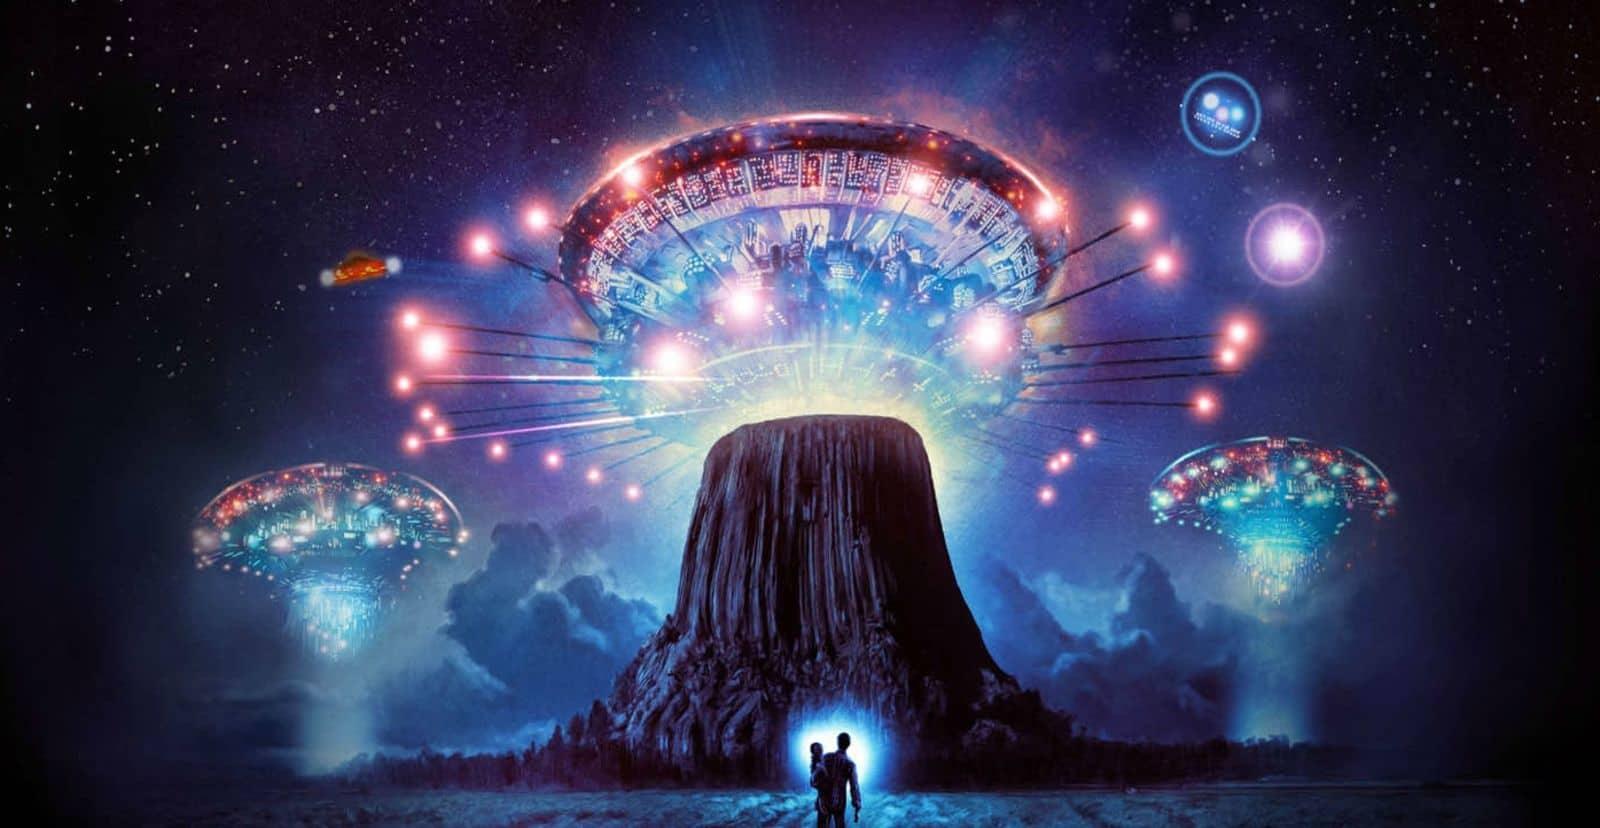 I migliori film di fantascienza da vedere secondo FilmPost